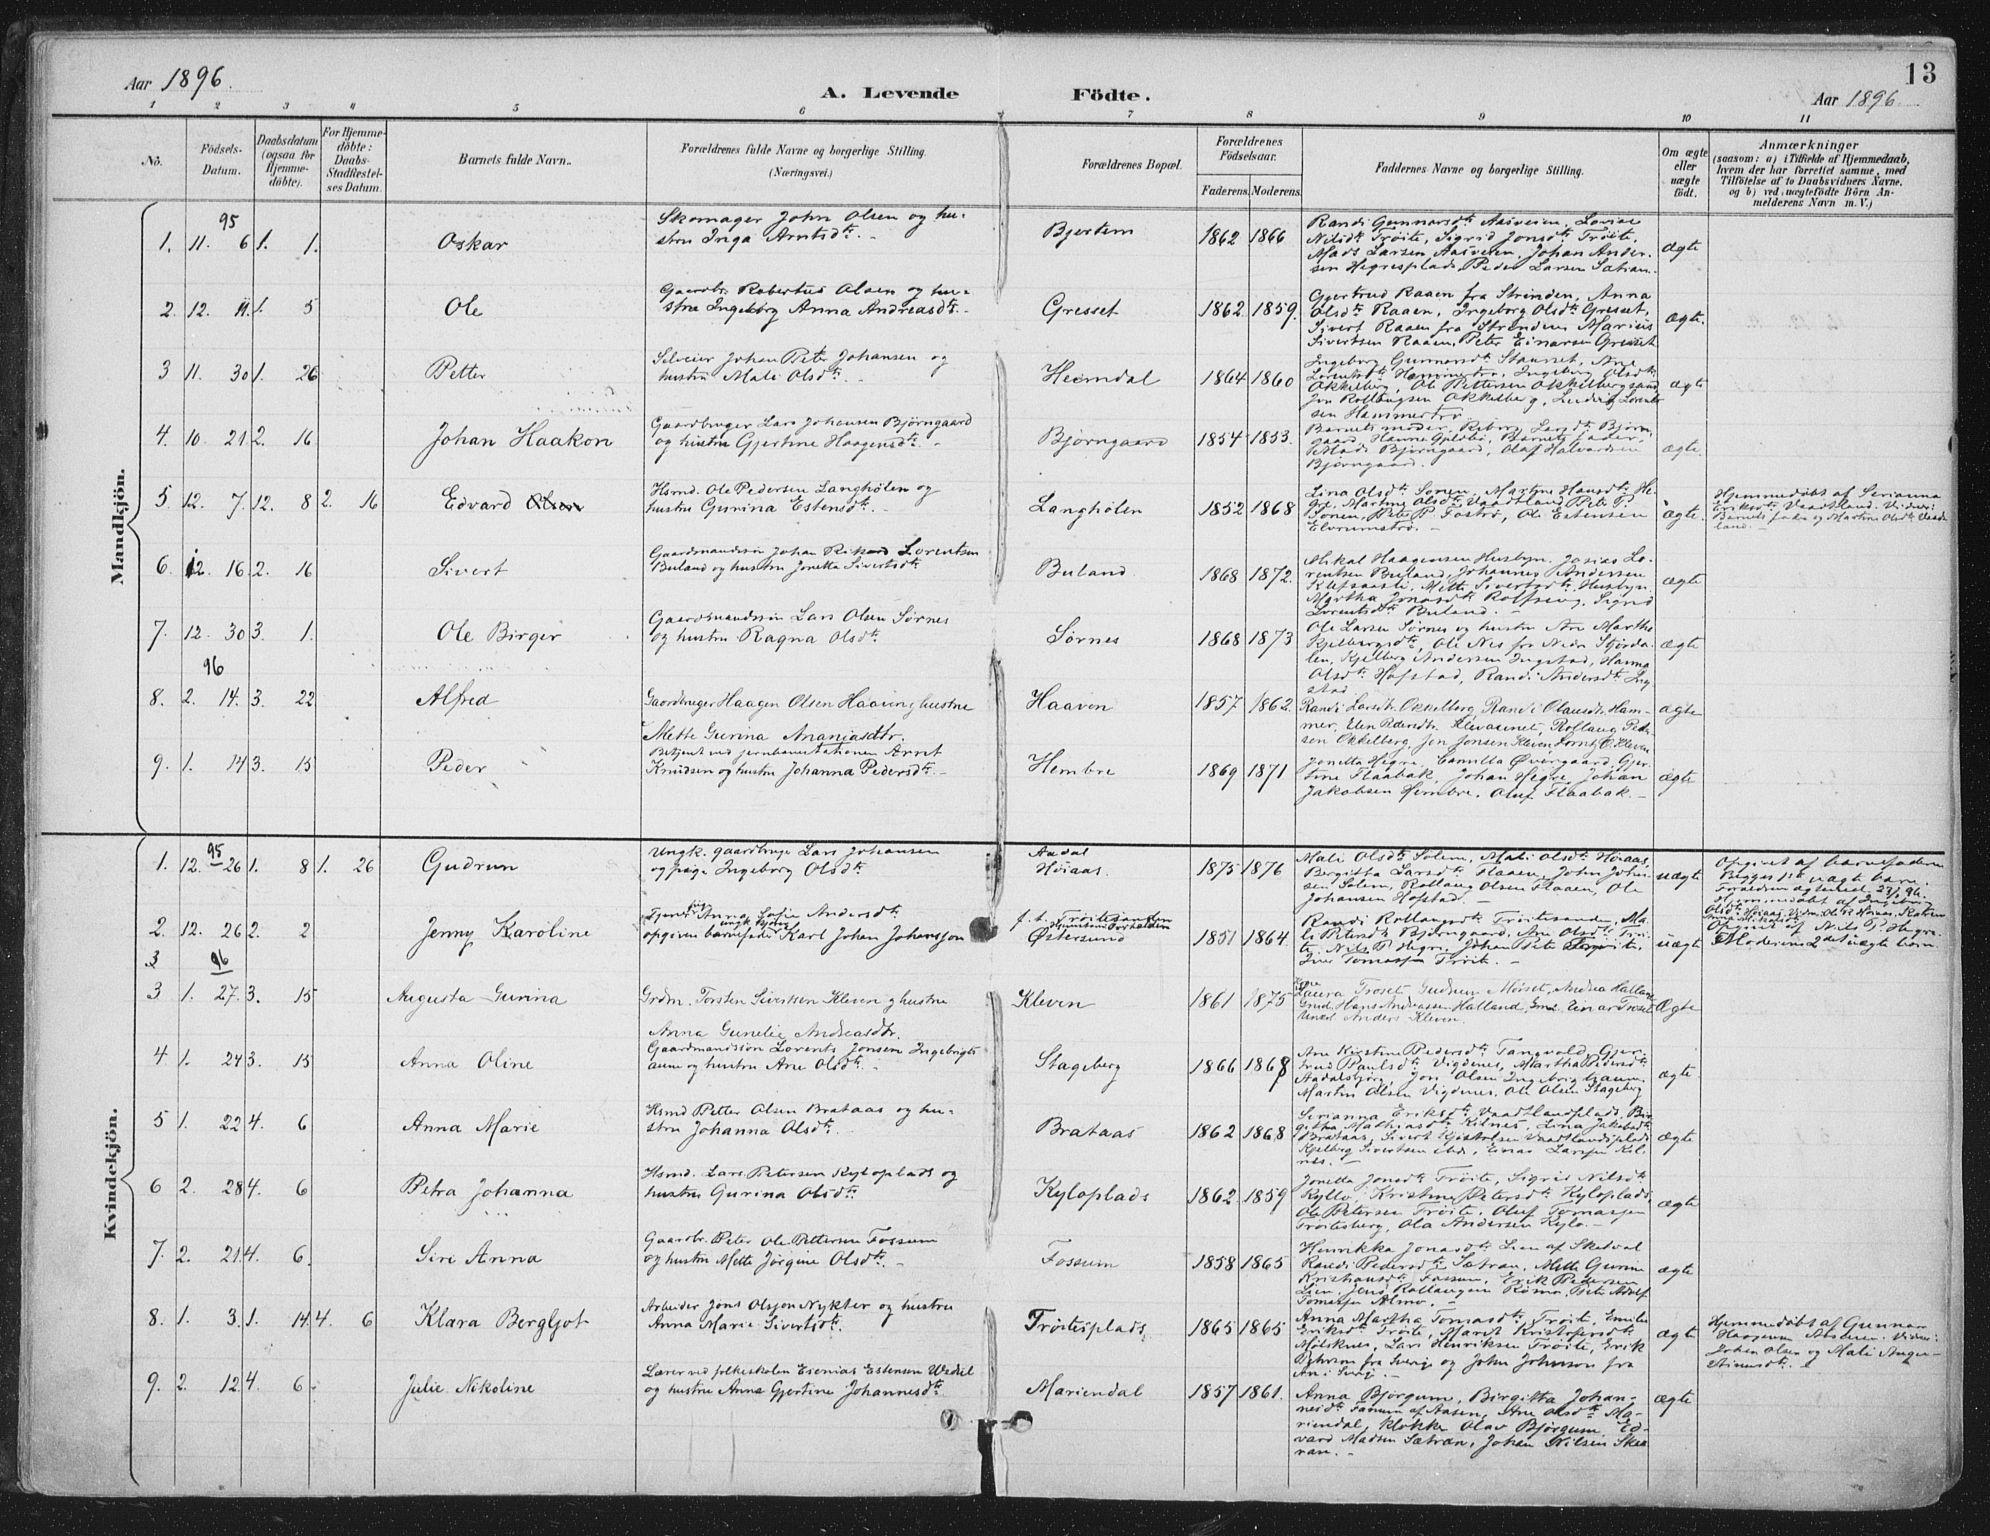 SAT, Ministerialprotokoller, klokkerbøker og fødselsregistre - Nord-Trøndelag, 703/L0031: Ministerialbok nr. 703A04, 1893-1914, s. 13